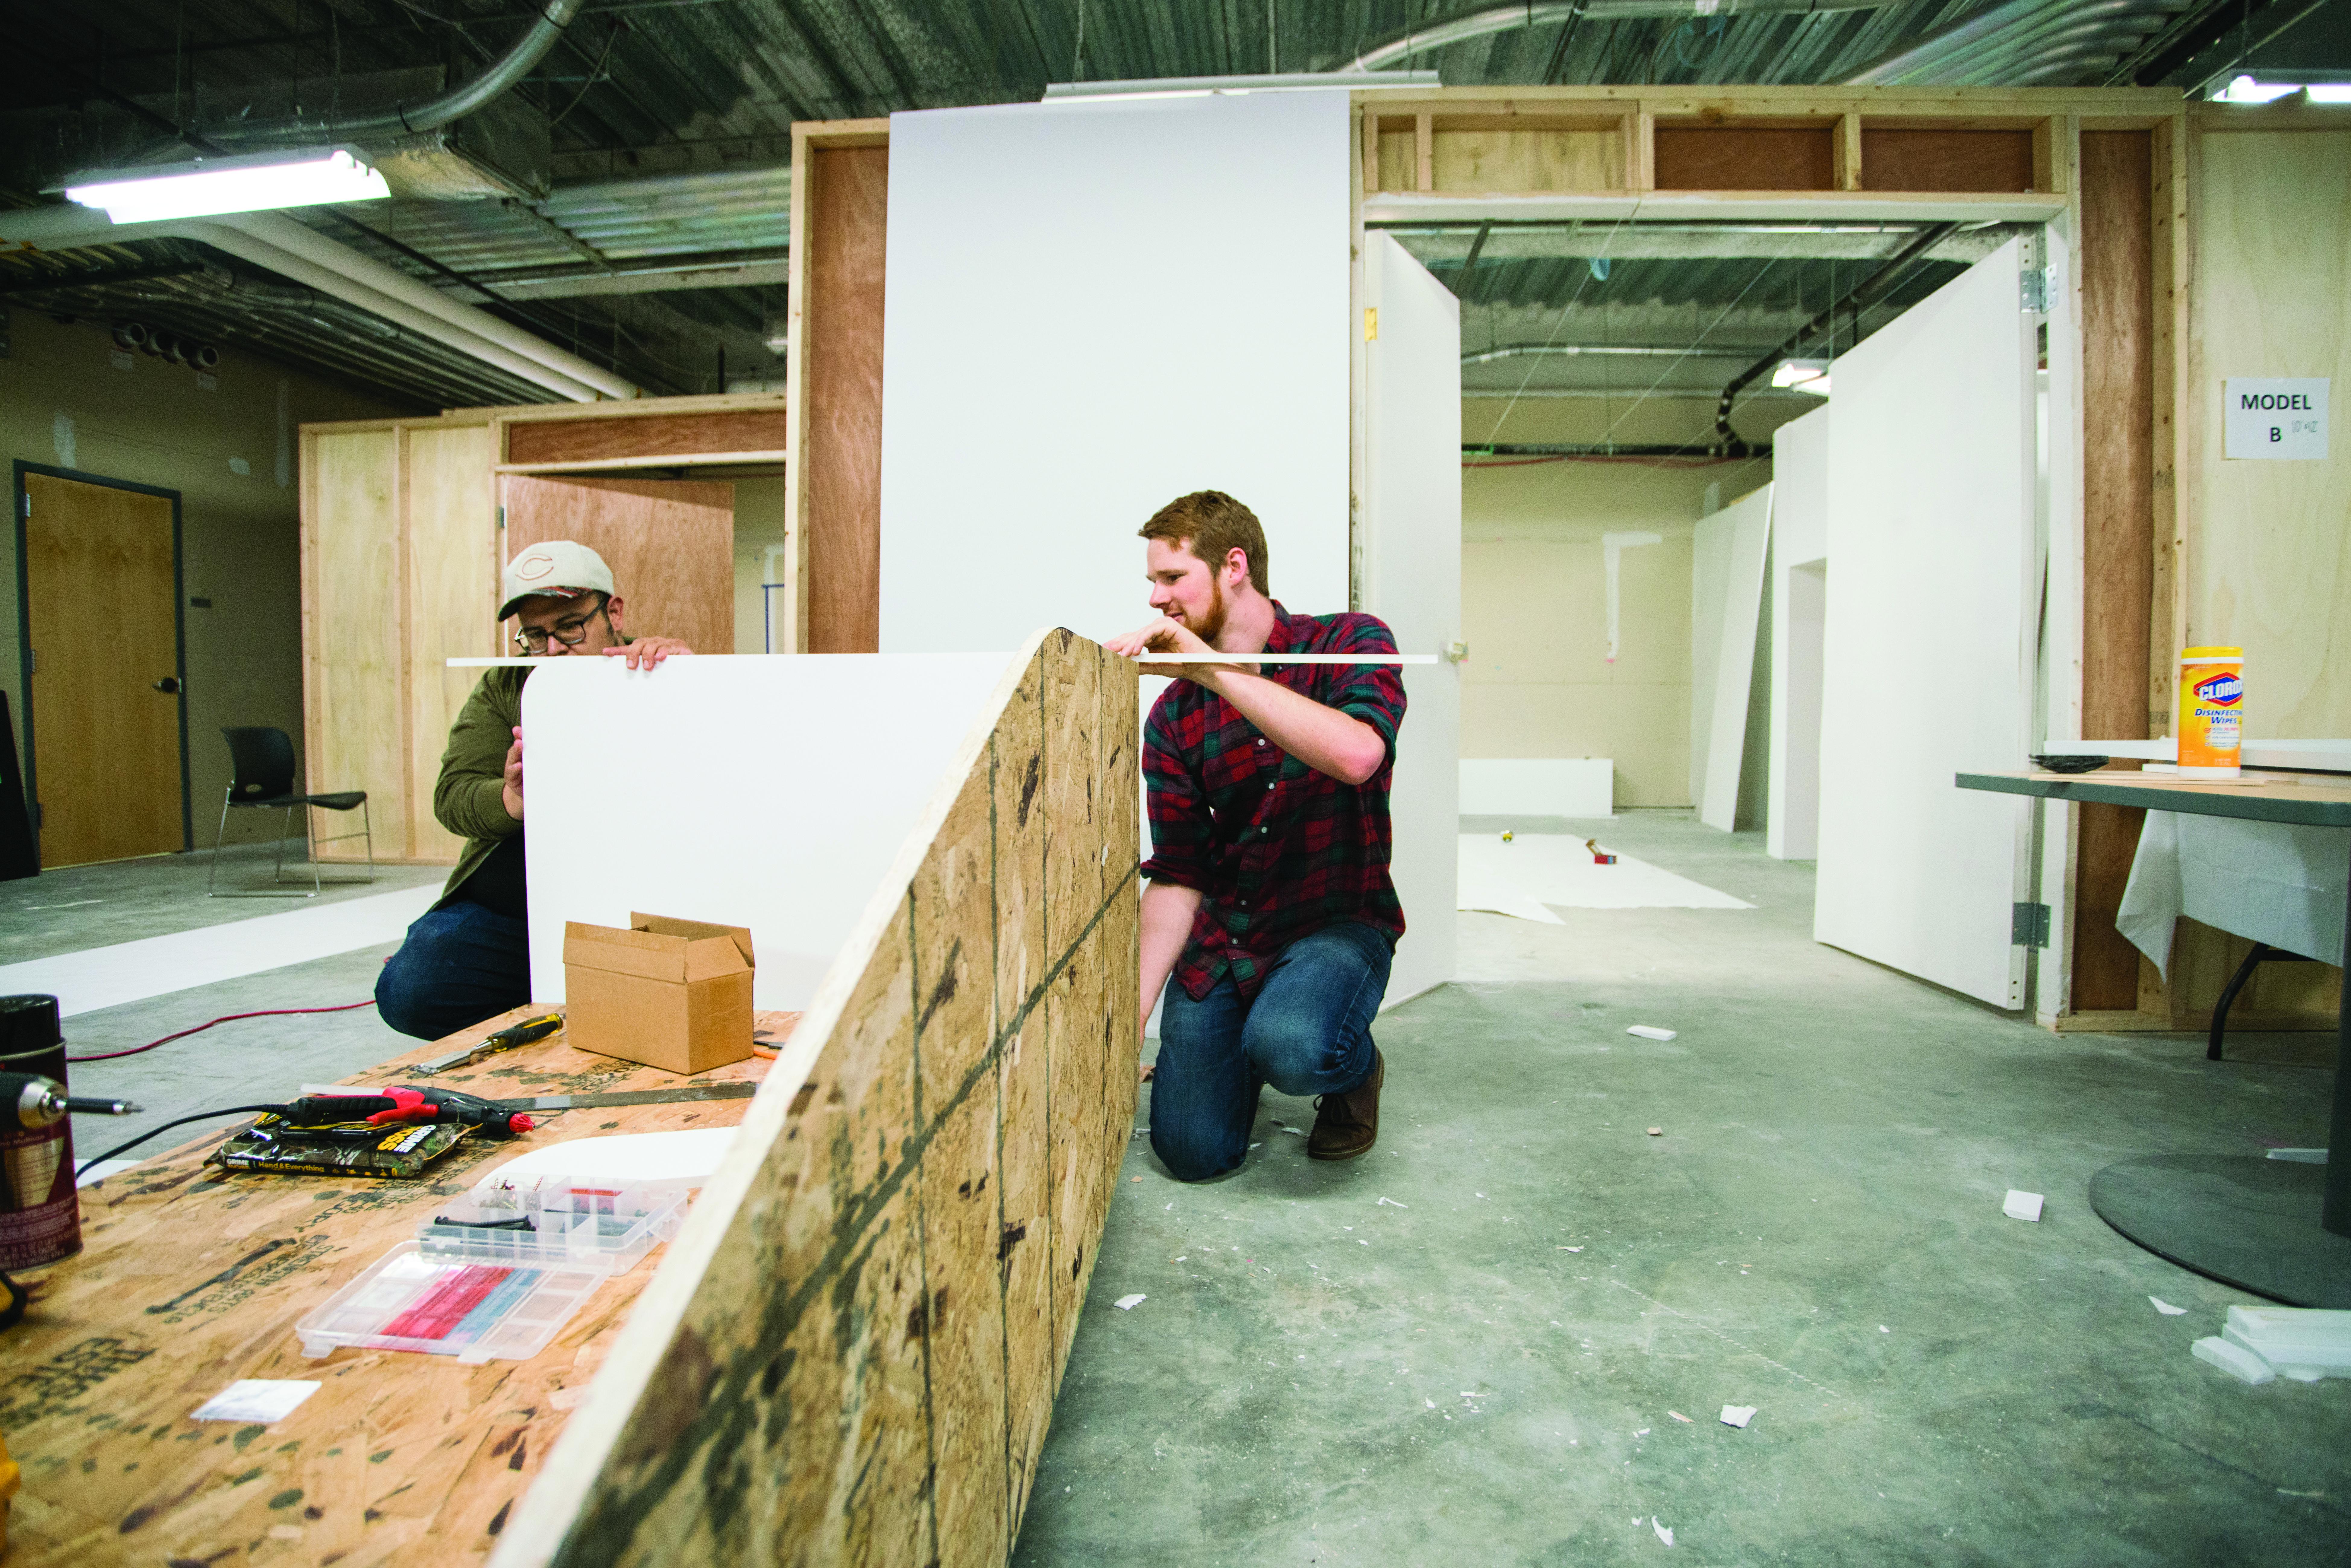 Industrial Design alumnus Justin Beitzel